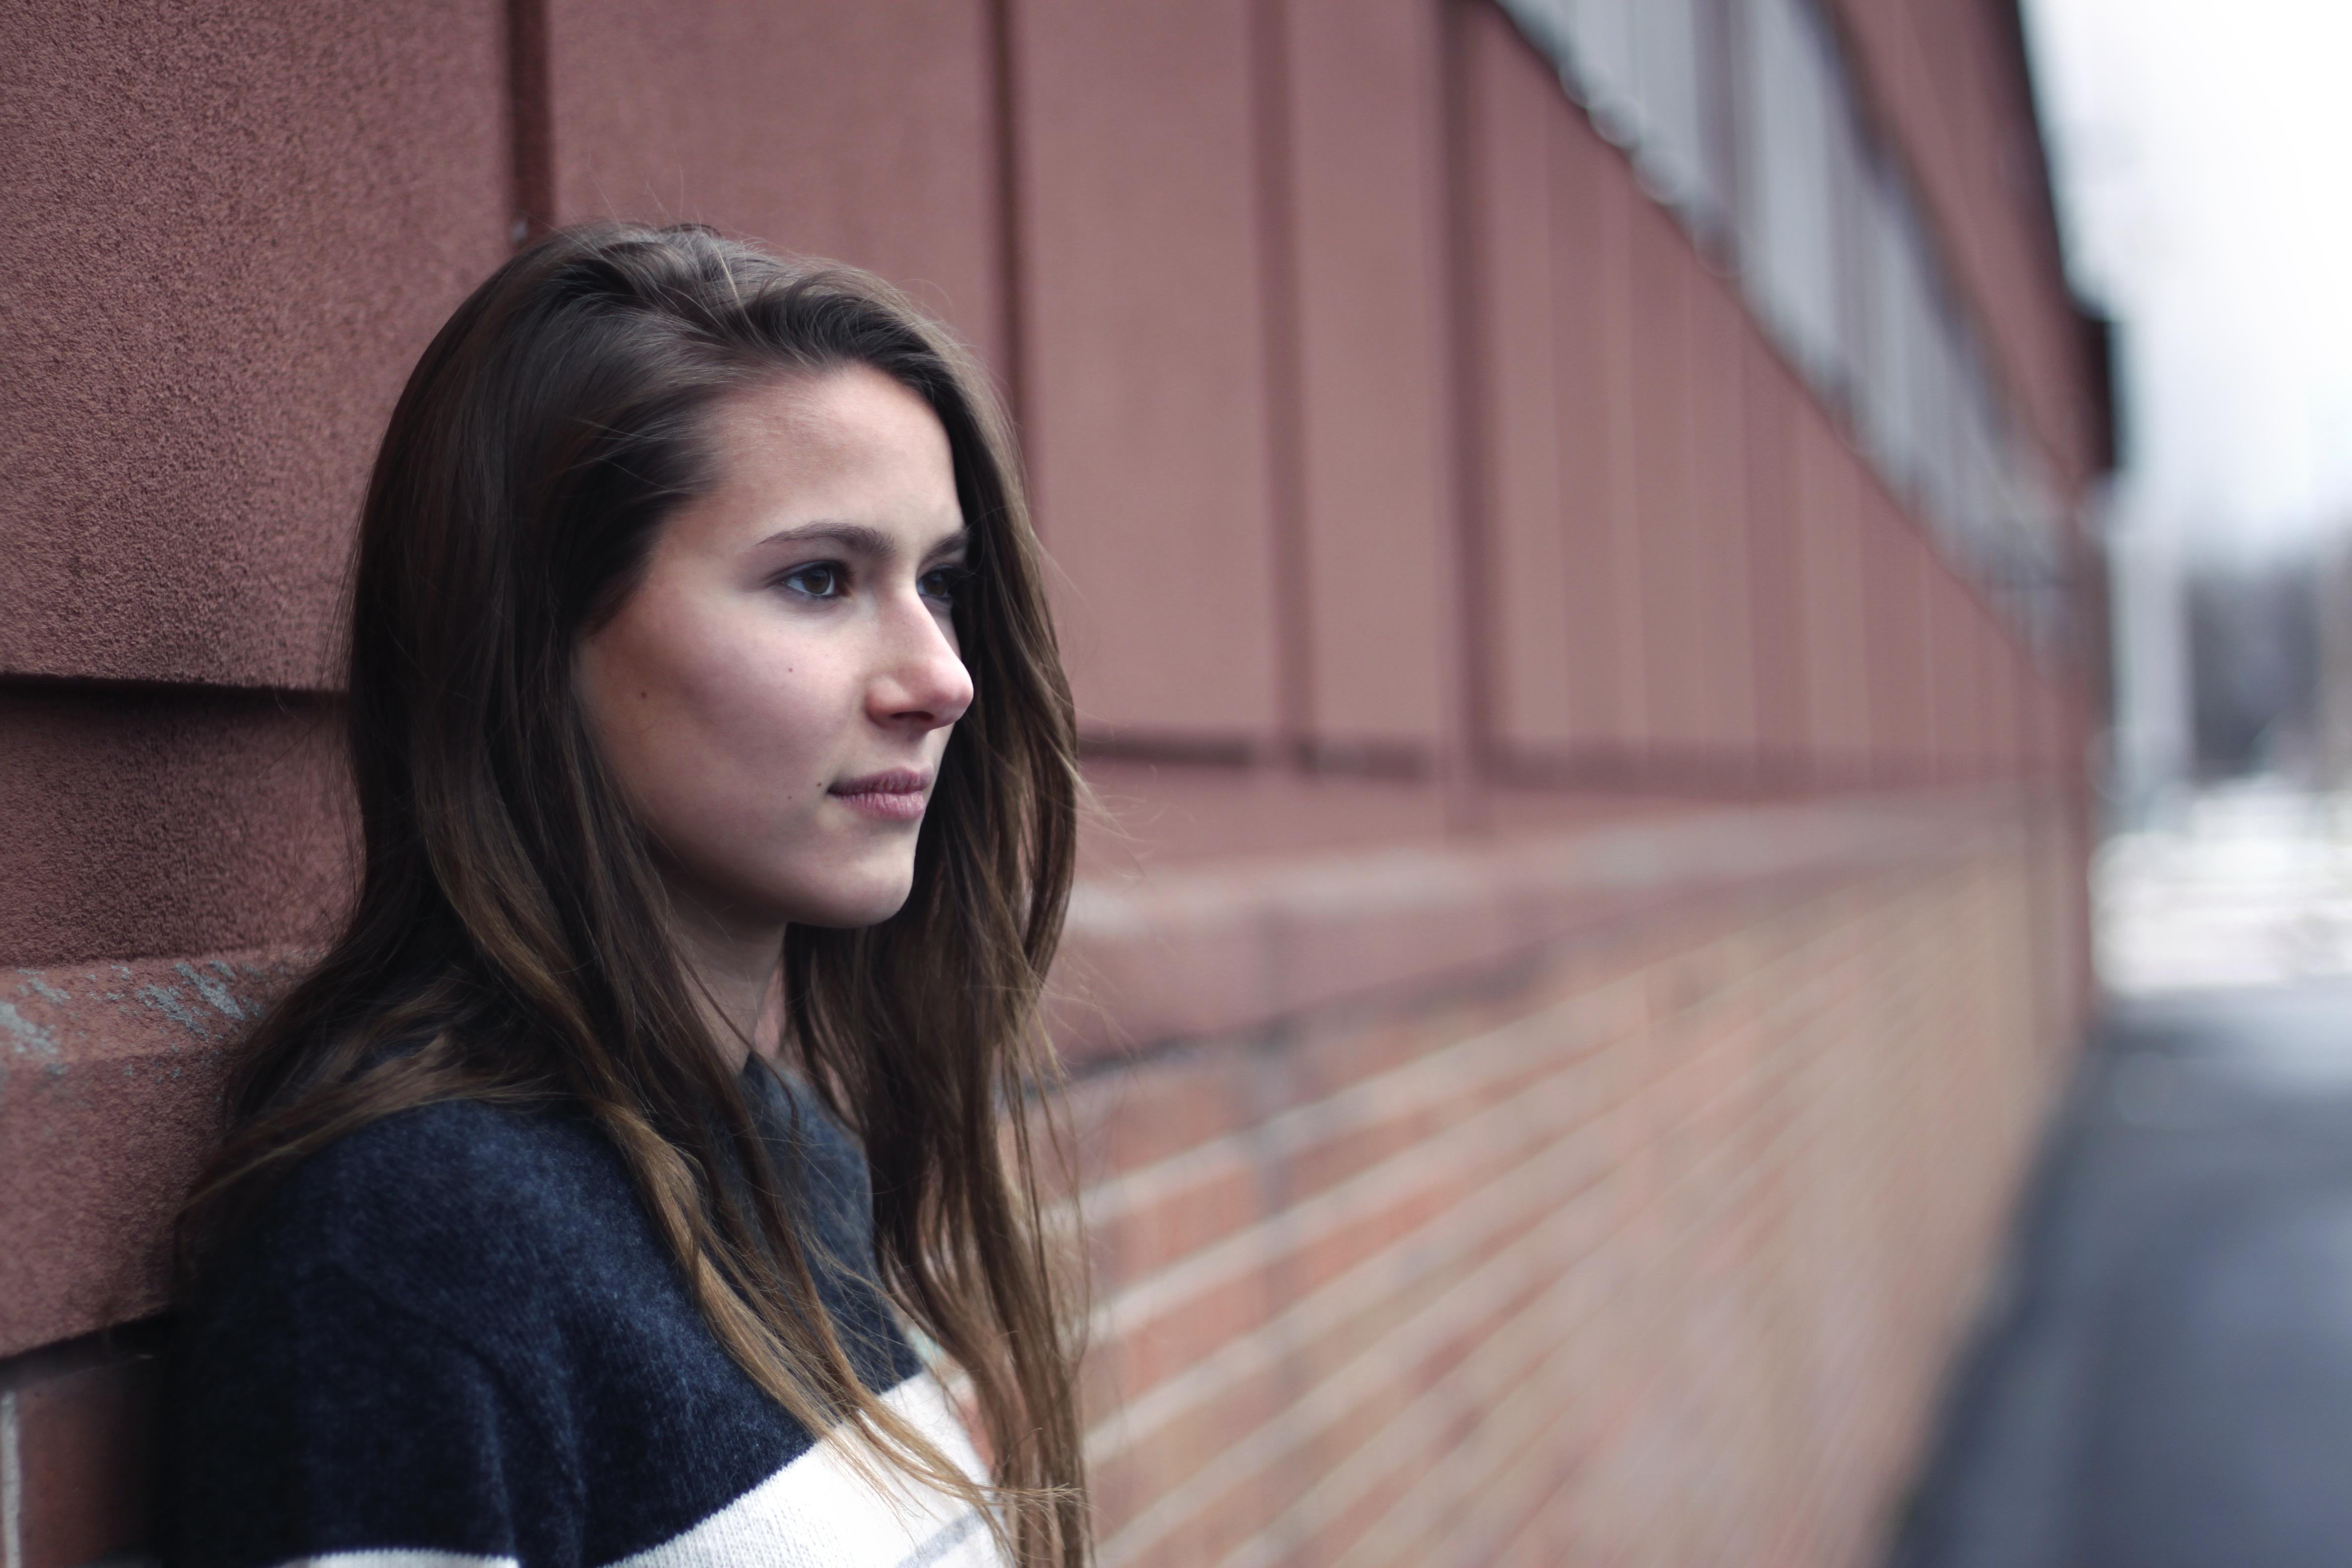 Masaüstü Model Portre Uzun Saç Kış Fotoğraf Profil Siyah Saç